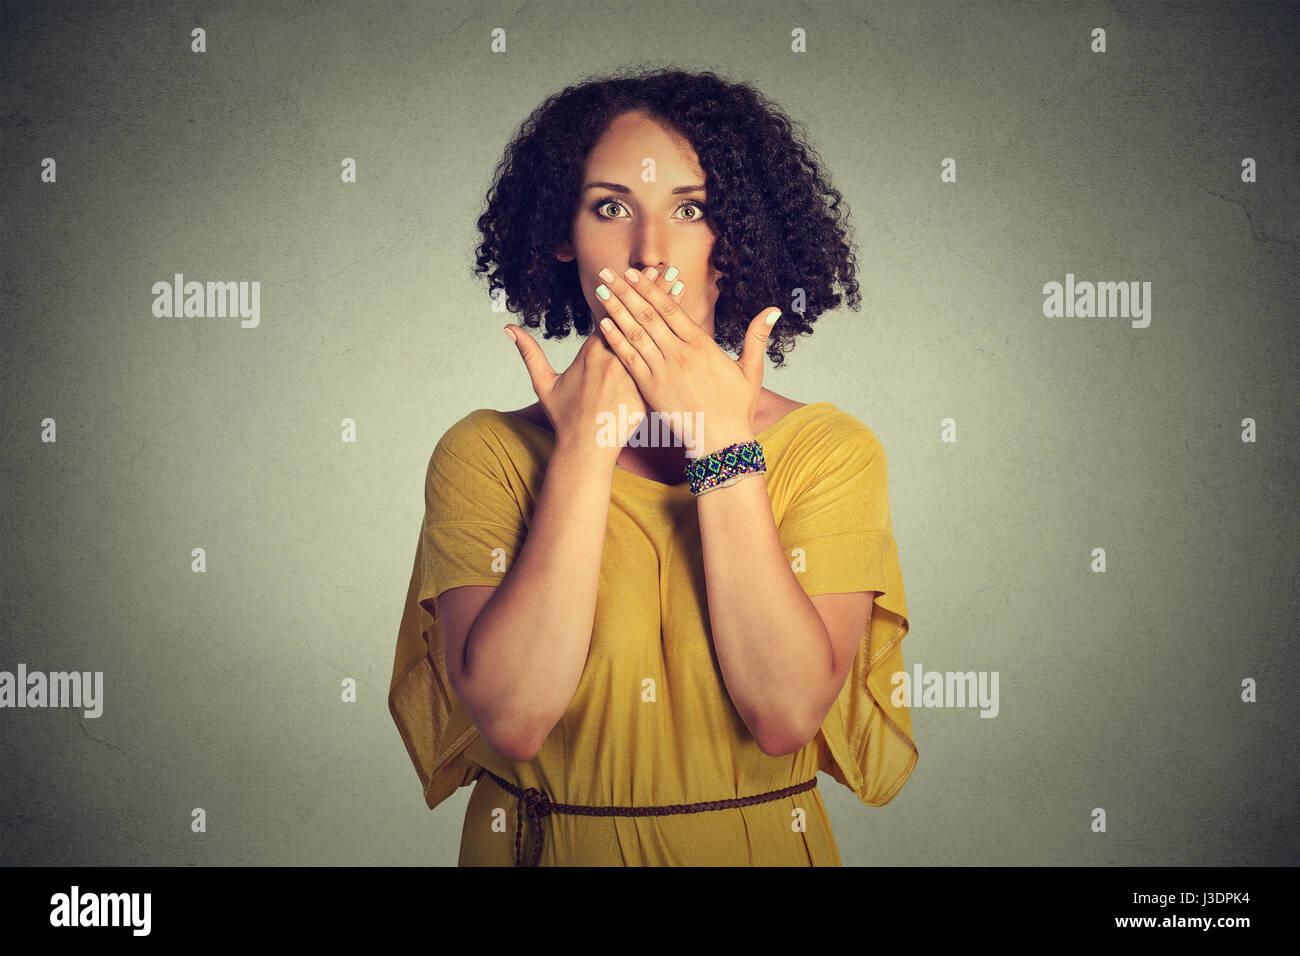 Closeup portrait jeune femme couvrant la bouche fermée avec les mains. Concept ne disent pas le mal isolé Photo Stock